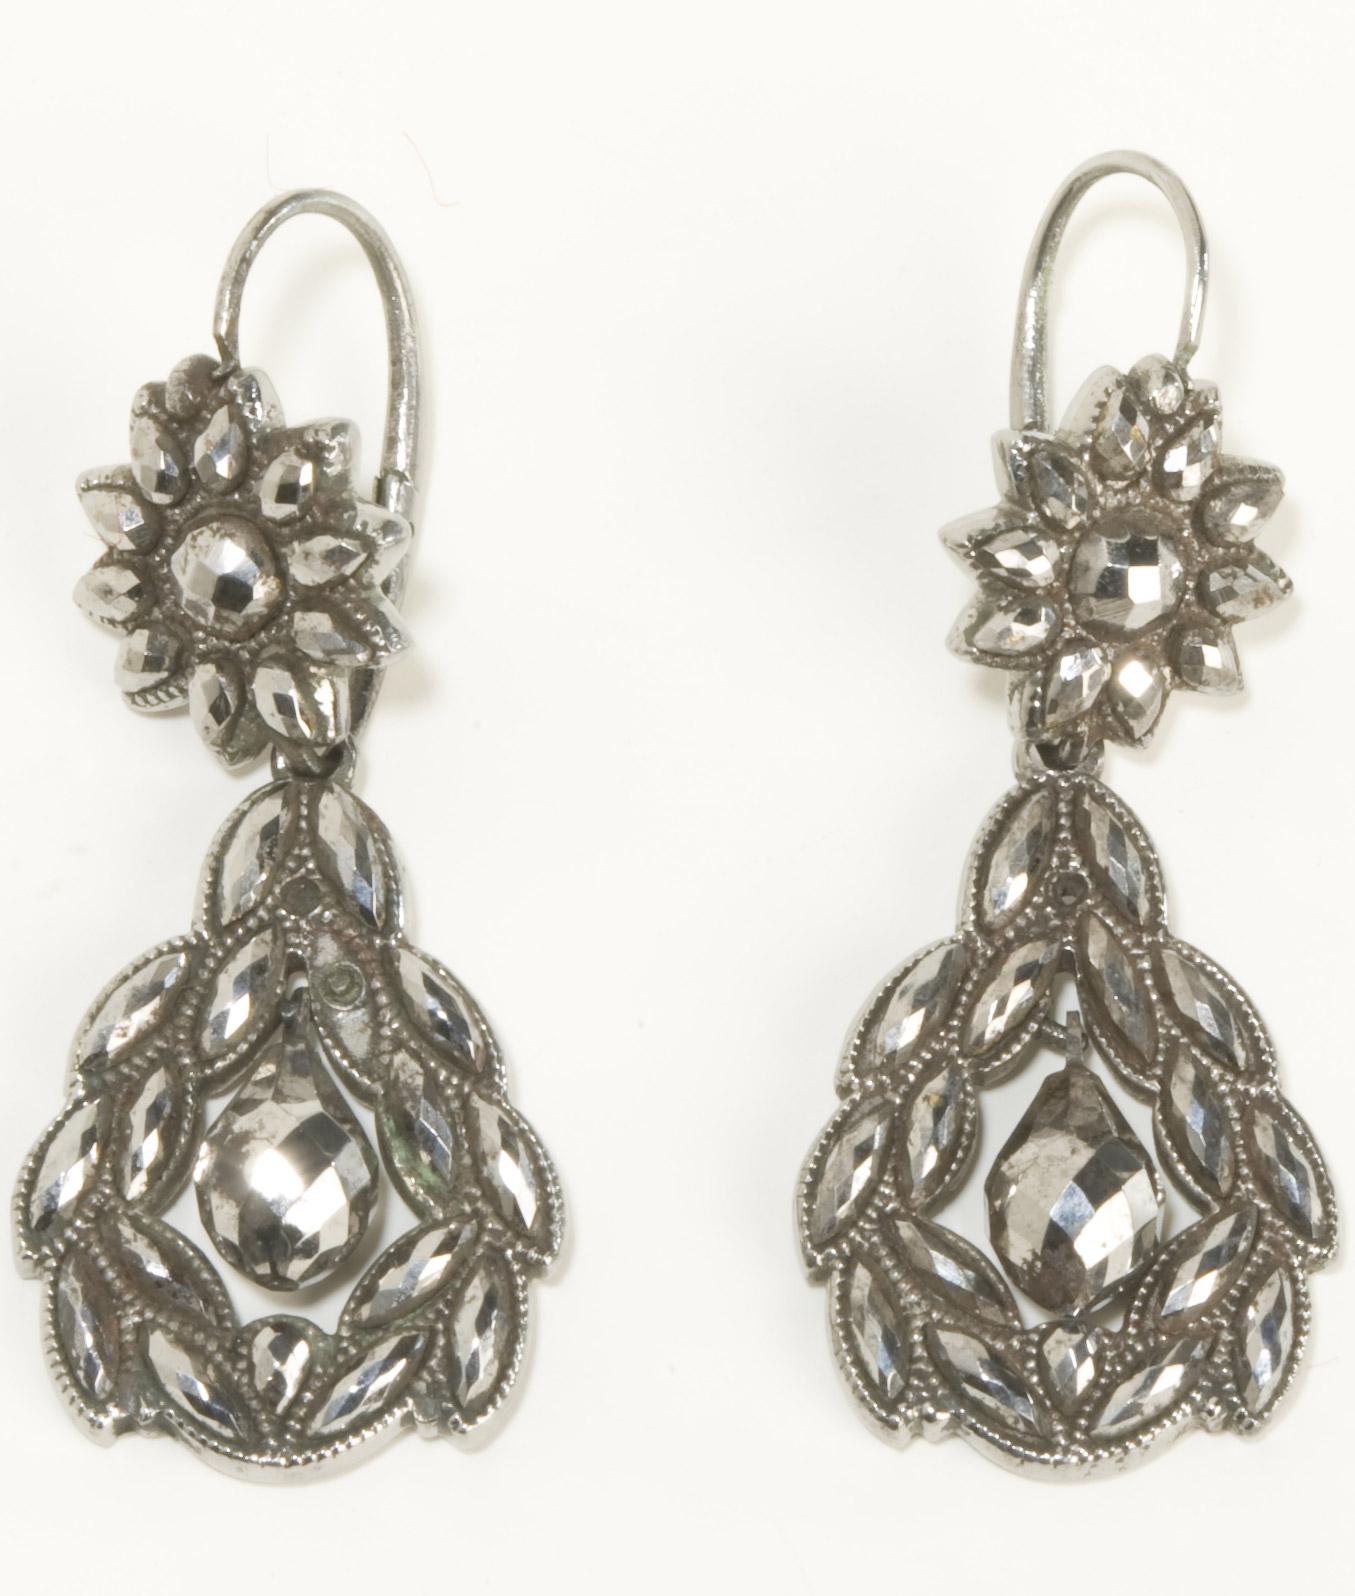 Boucles d'oreilles en fer de Toula - Patrimoine Charles-André COLONNA WALEWSKI, en ligne directe de Napoléon